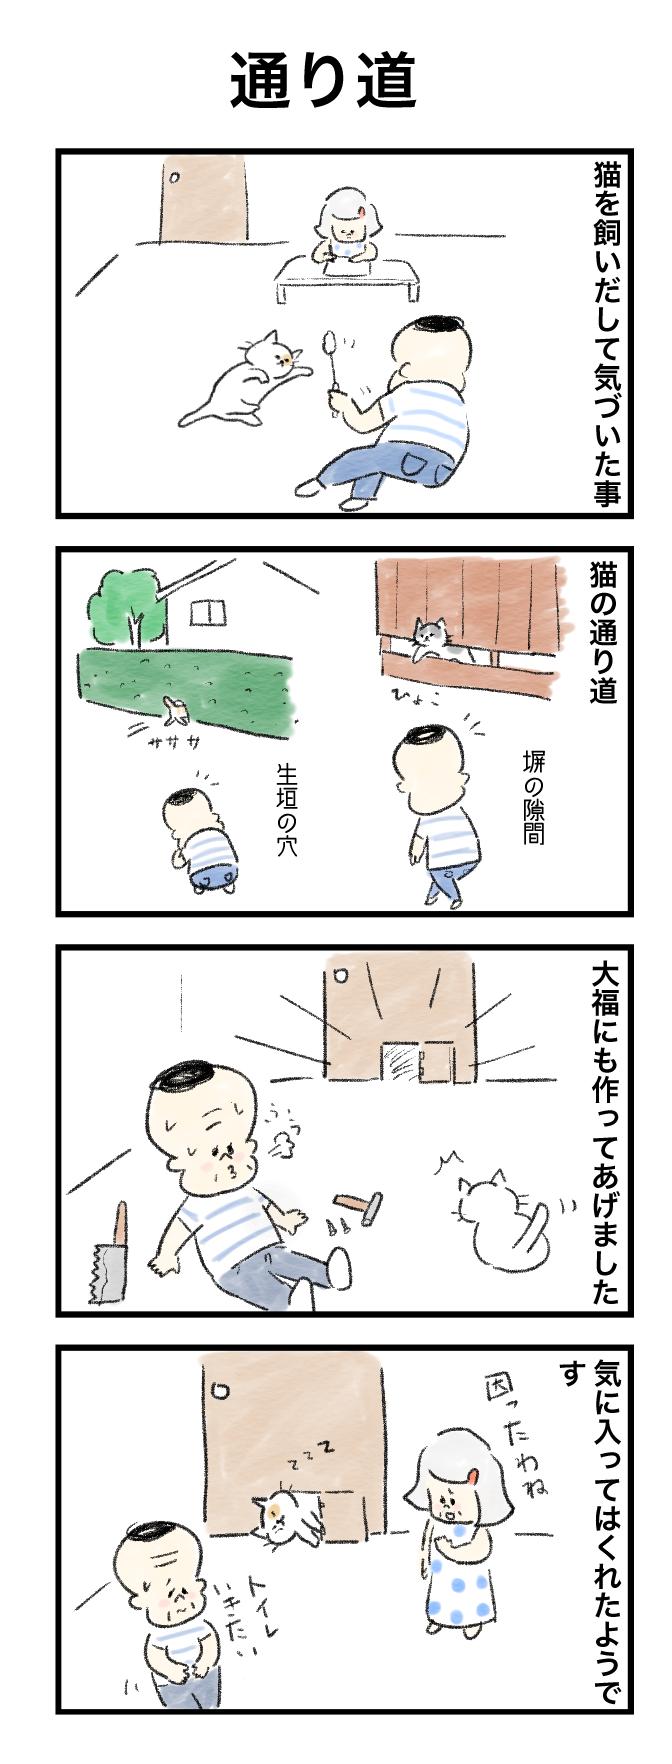 今日の泉谷さん【38】 作:カワサキヒロシ「通り道」